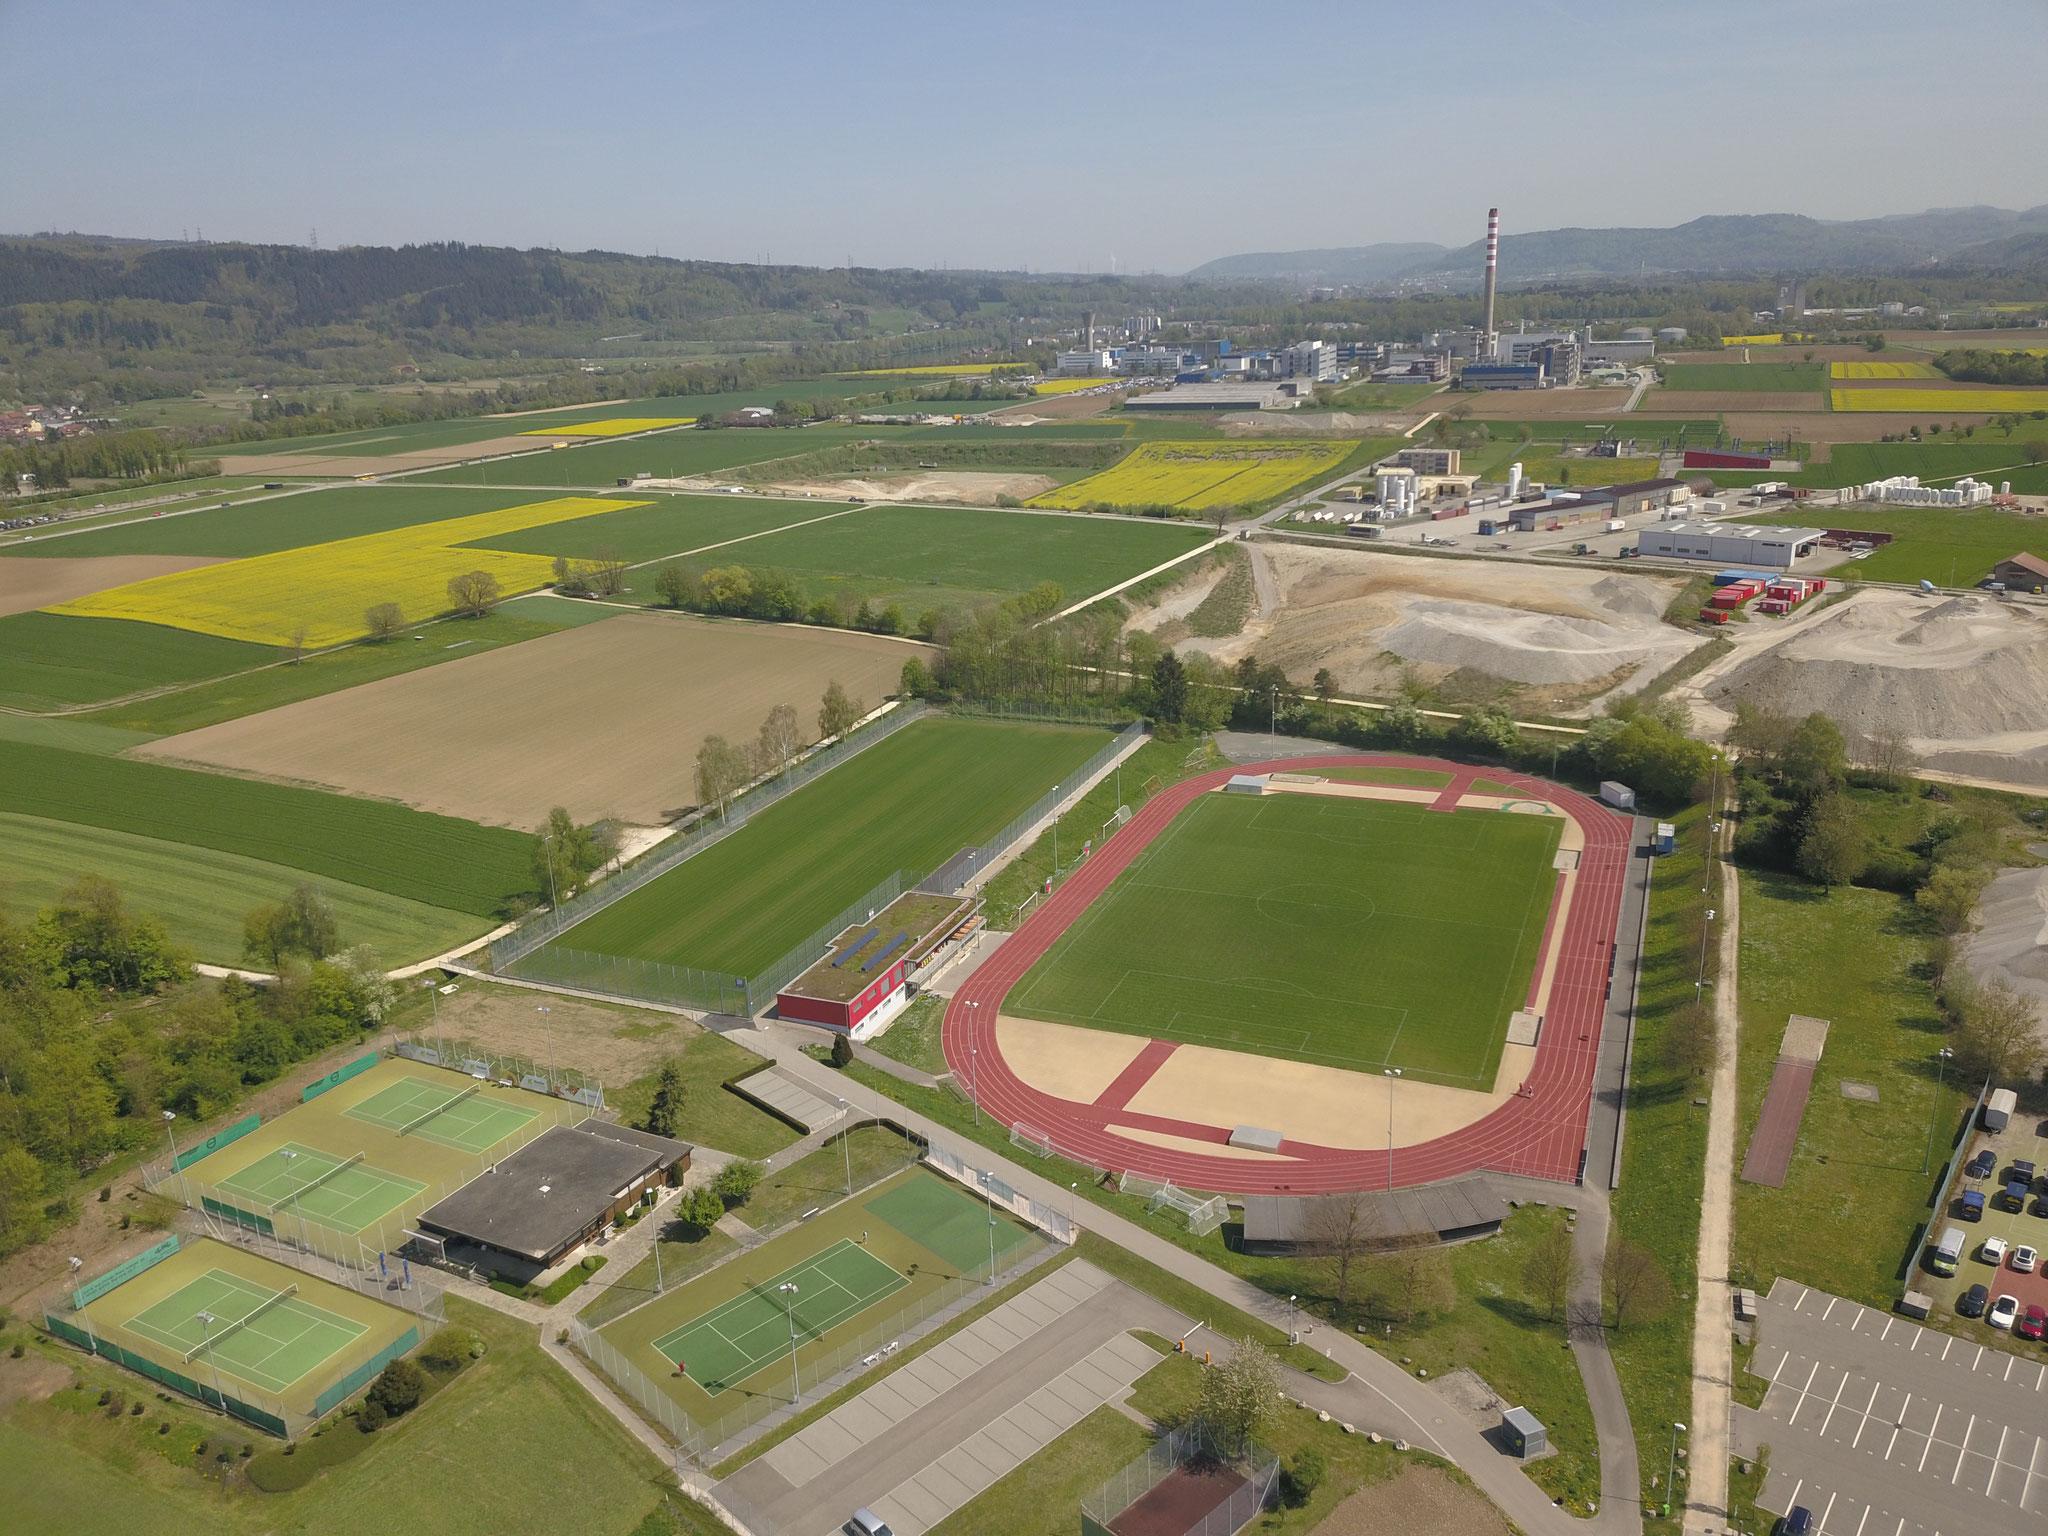 Luftaufnahmen der Sportanlage Bustelbach 04/18